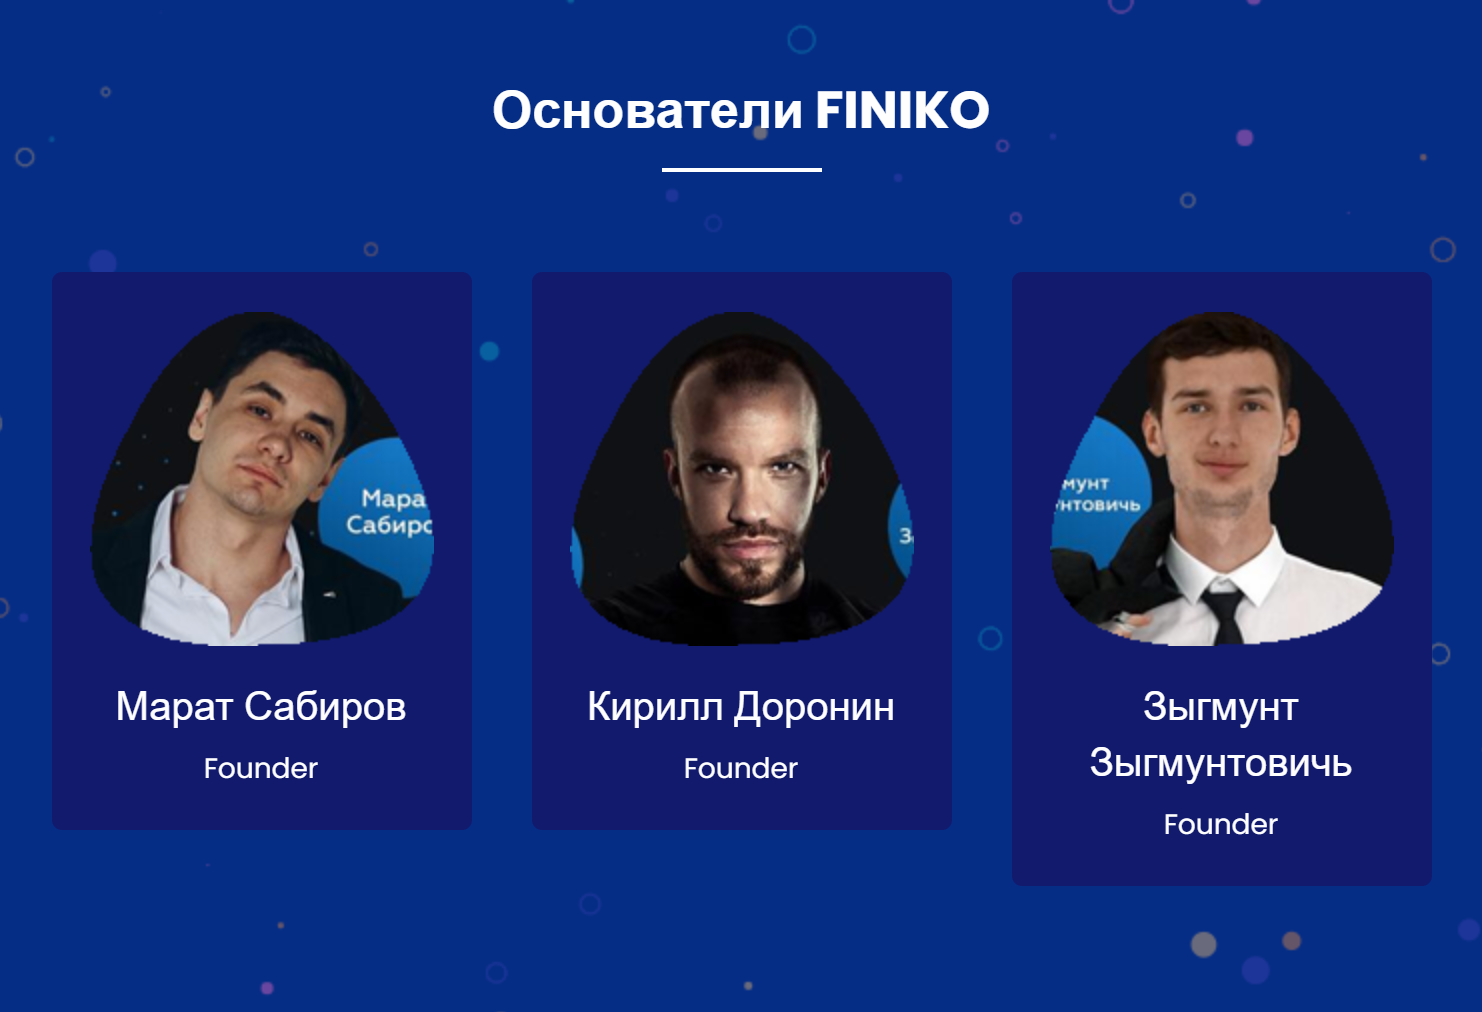 Сайт finiko.pro вчисле основателей проекта также называет некоего Зыгмунта Зыгмунтовича. Внезависимых источниках мне неудалось найти человека состоль необычным именем, связанного с«Финико»